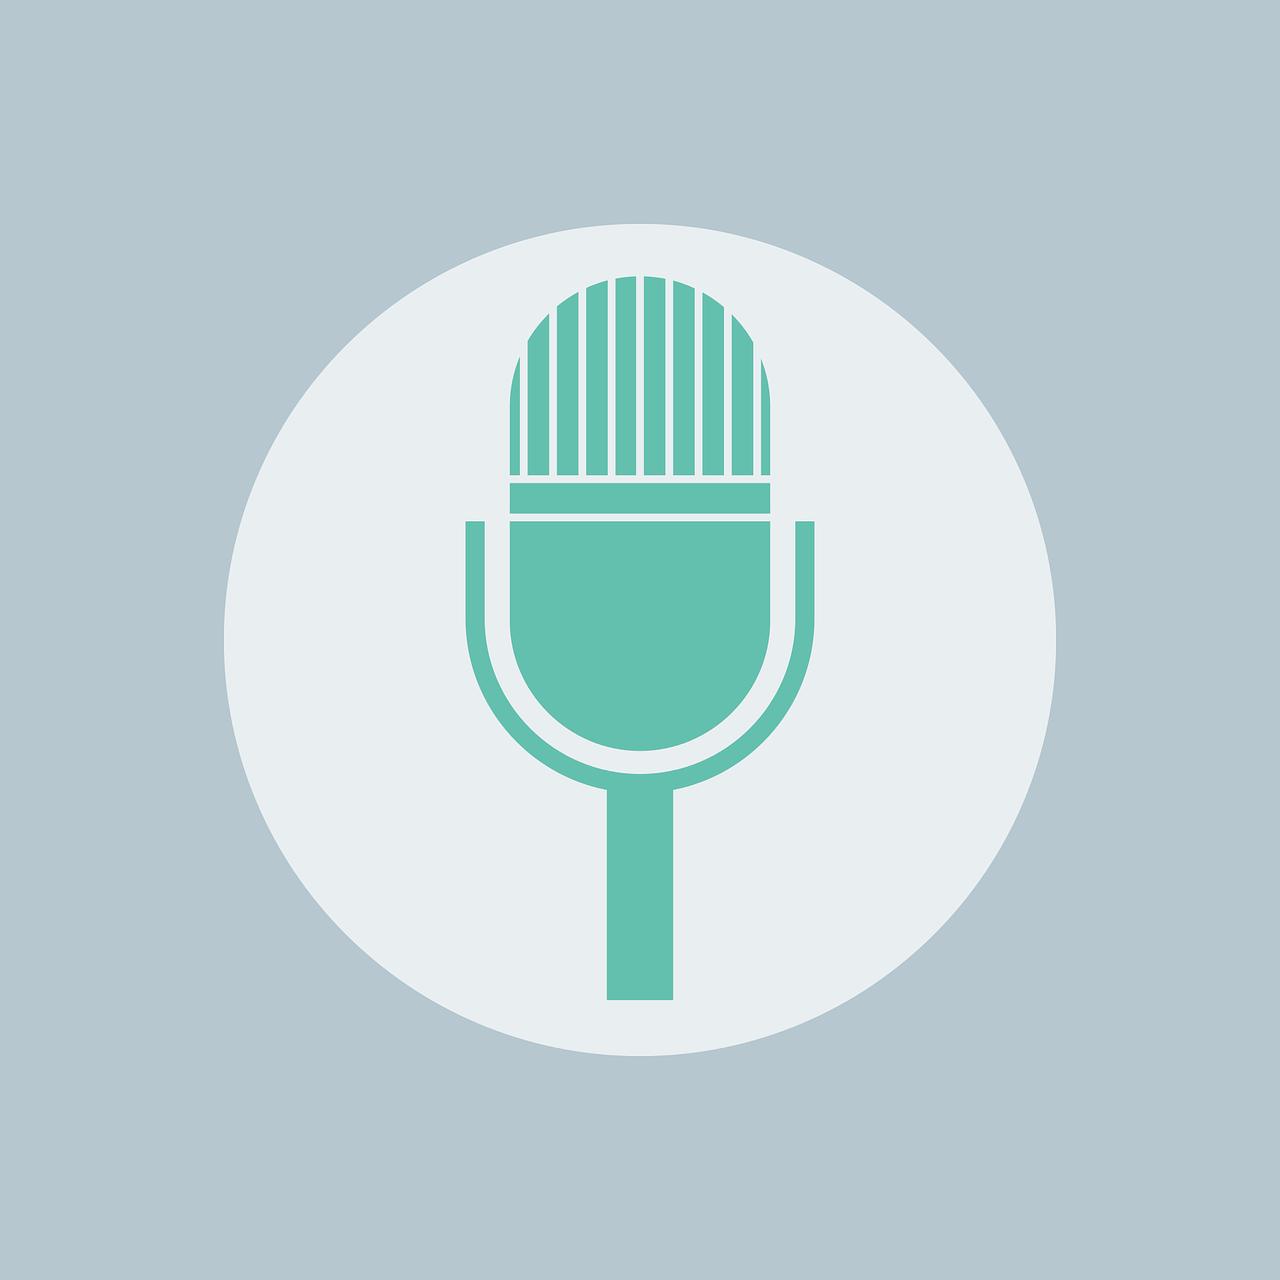 Arte com o ícone de um microfone verde no centro da imagem.